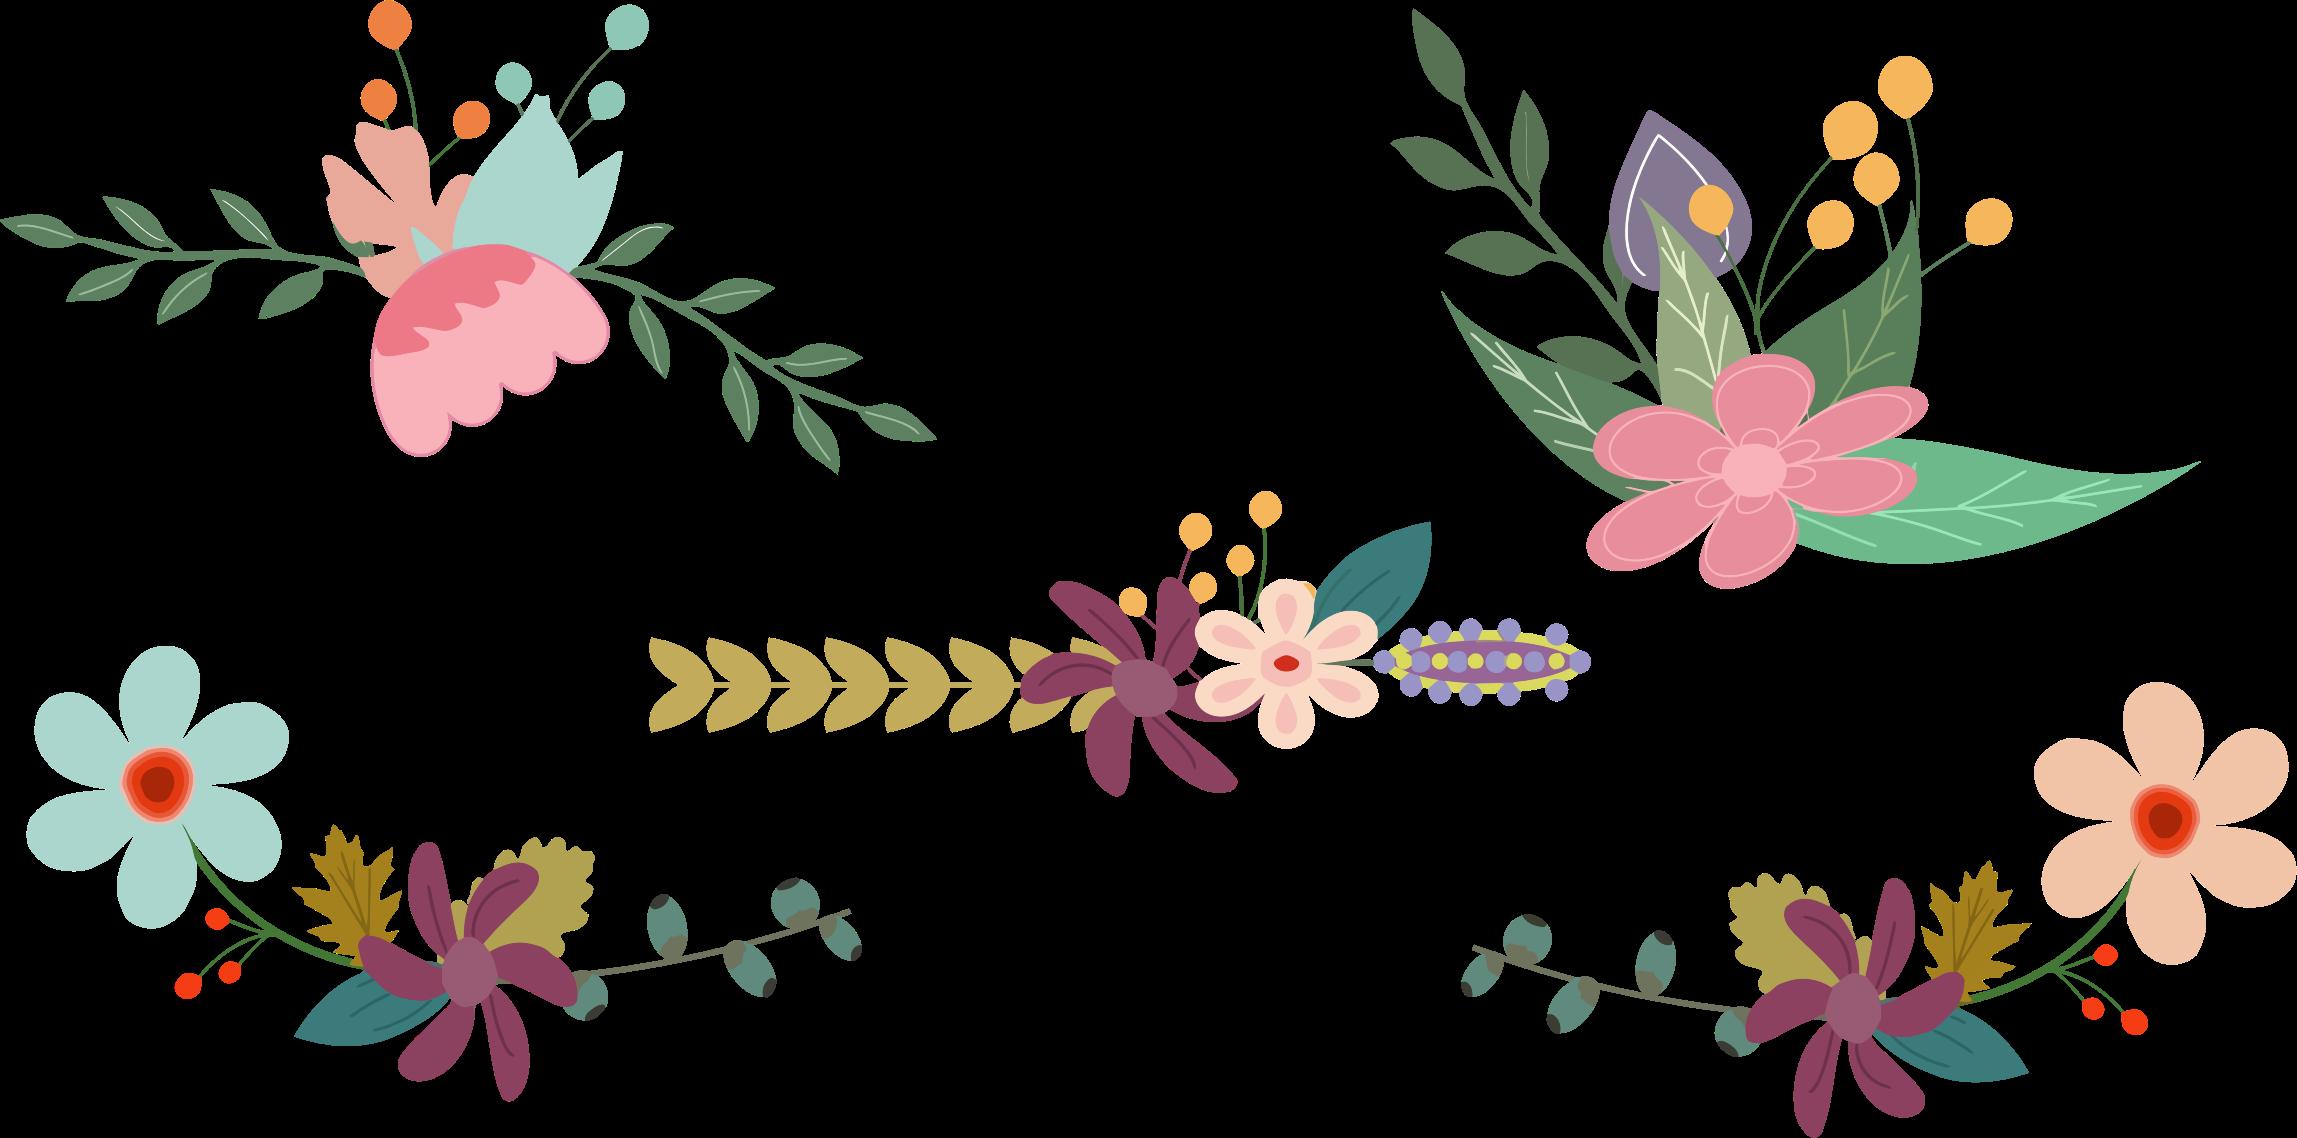 Elements clipart floral Floral Elements Vintage Floral Elements